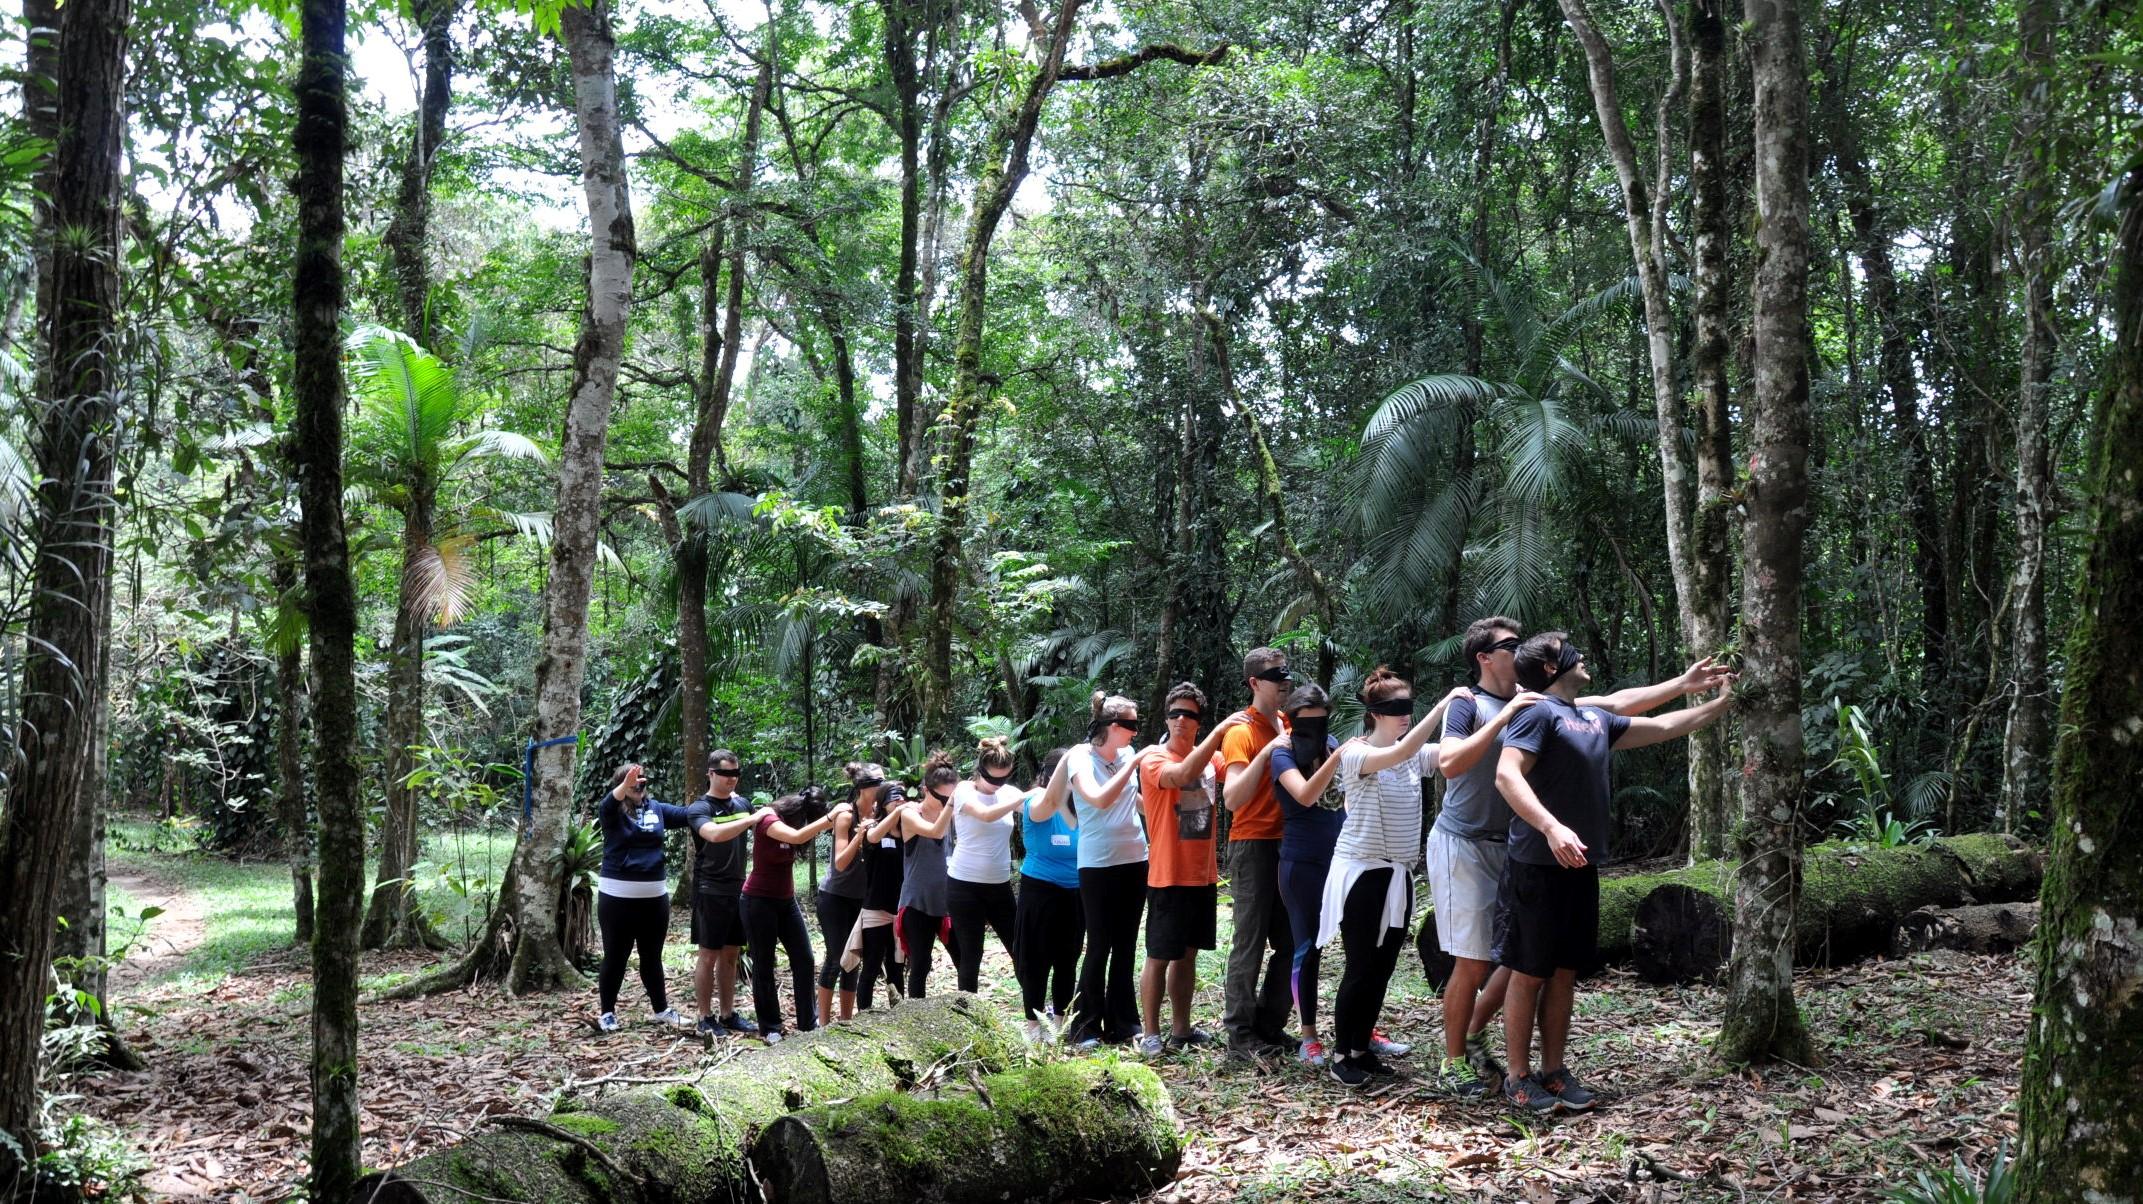 Outward bound brasil wide1 jpg